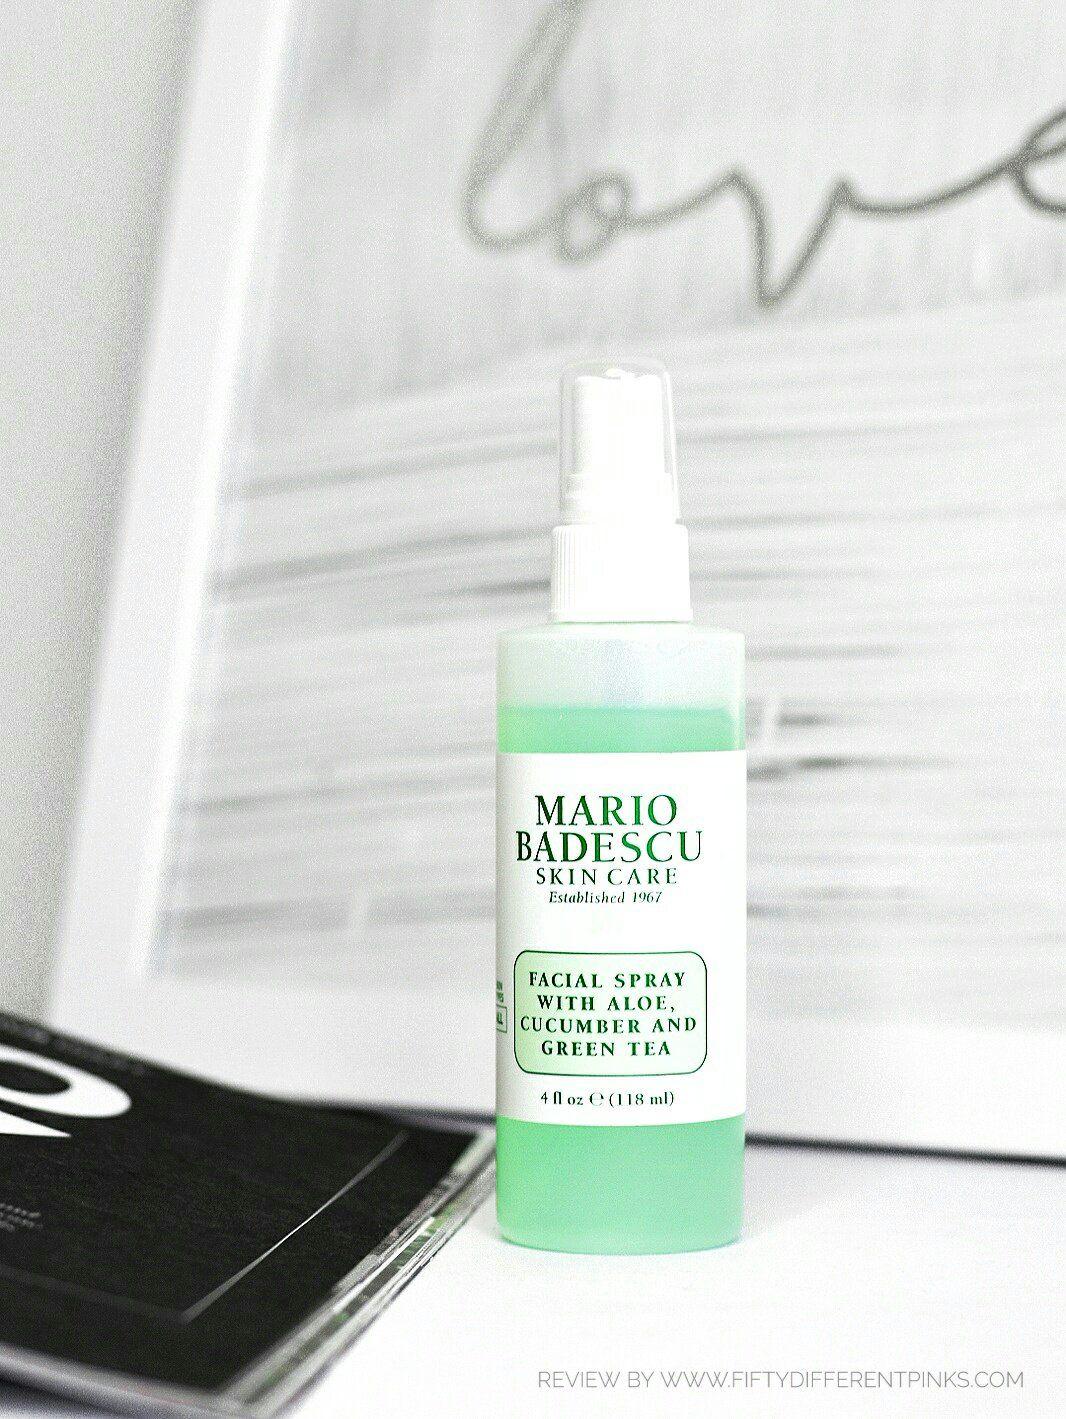 Mario Badescu Review Facial Spray With Aloe Cucumber And